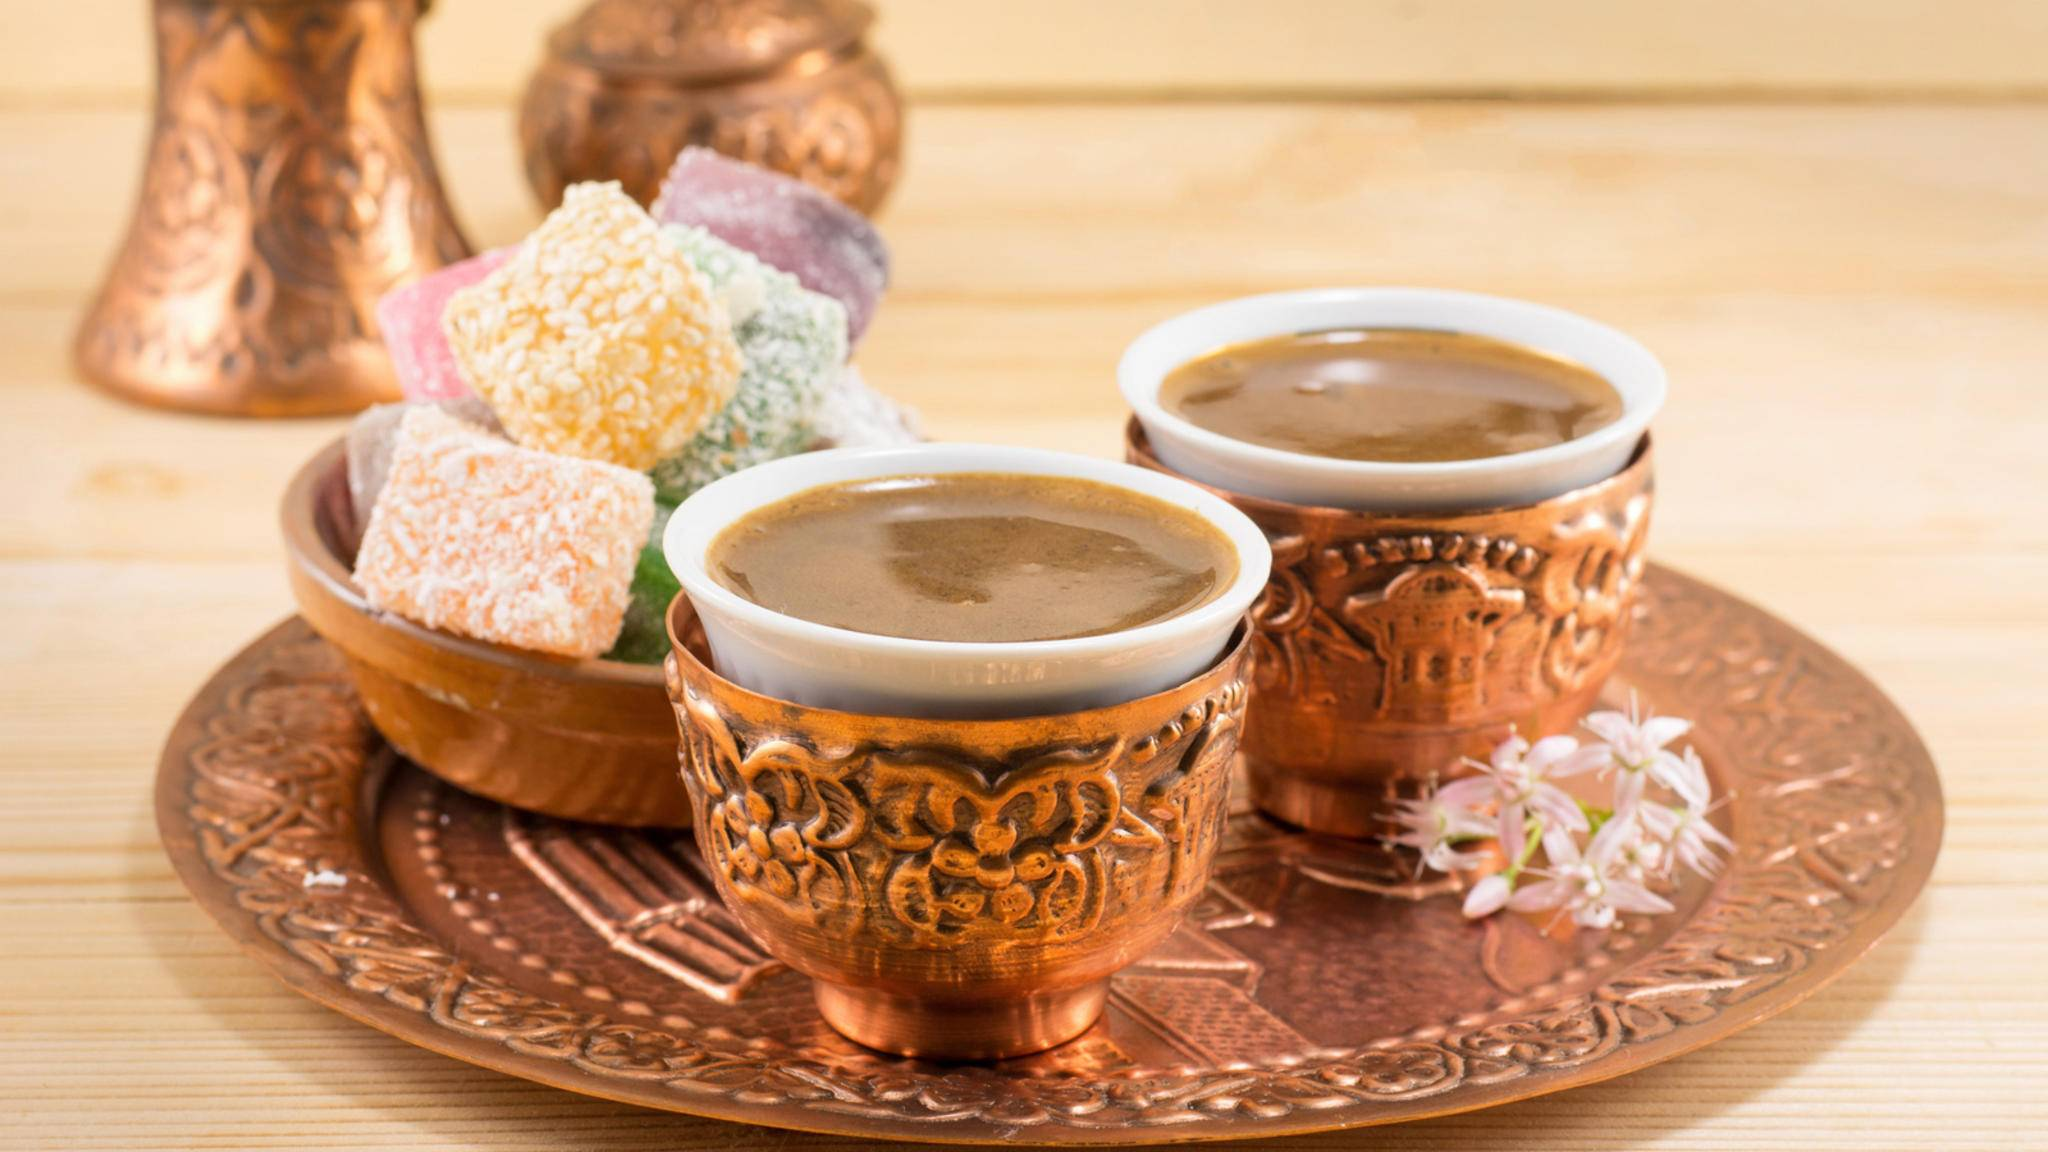 Türkischer Kaffee ist aufgrund seiner fein süßen Note und der cremigen Konsistenz sehr beliebt.